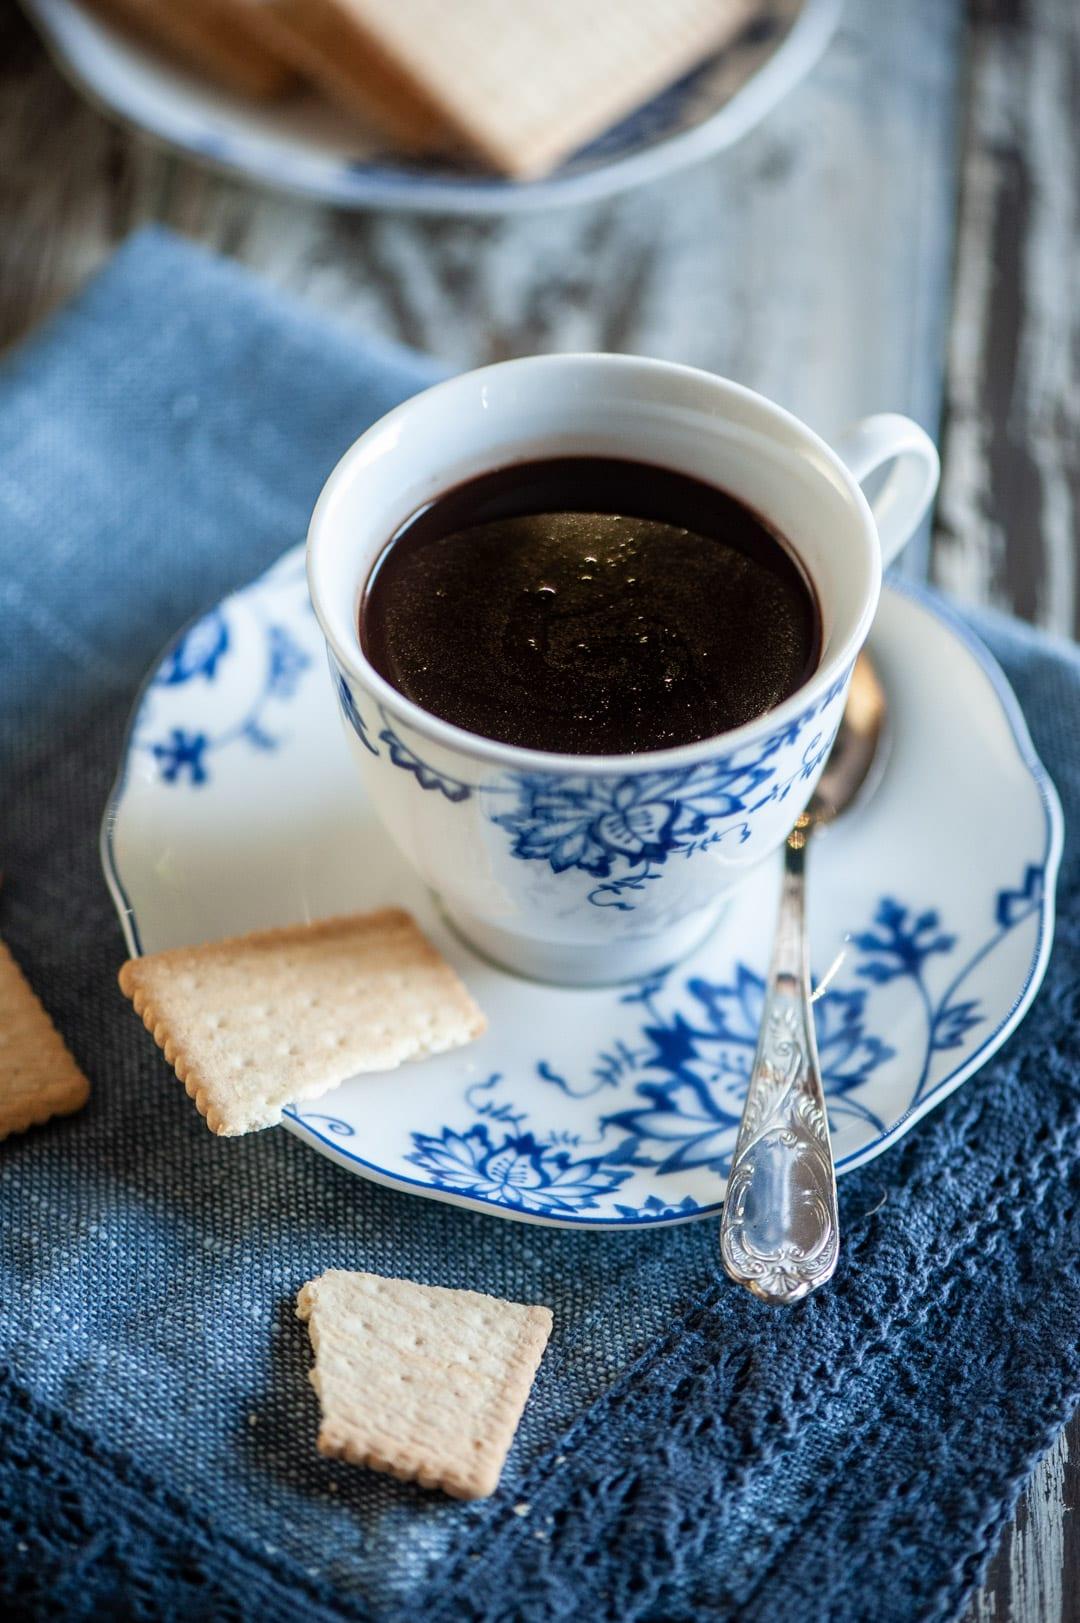 Cioccolata calda in tazza senza glutine e latticini calda appena preparata accompagnata da biscotti